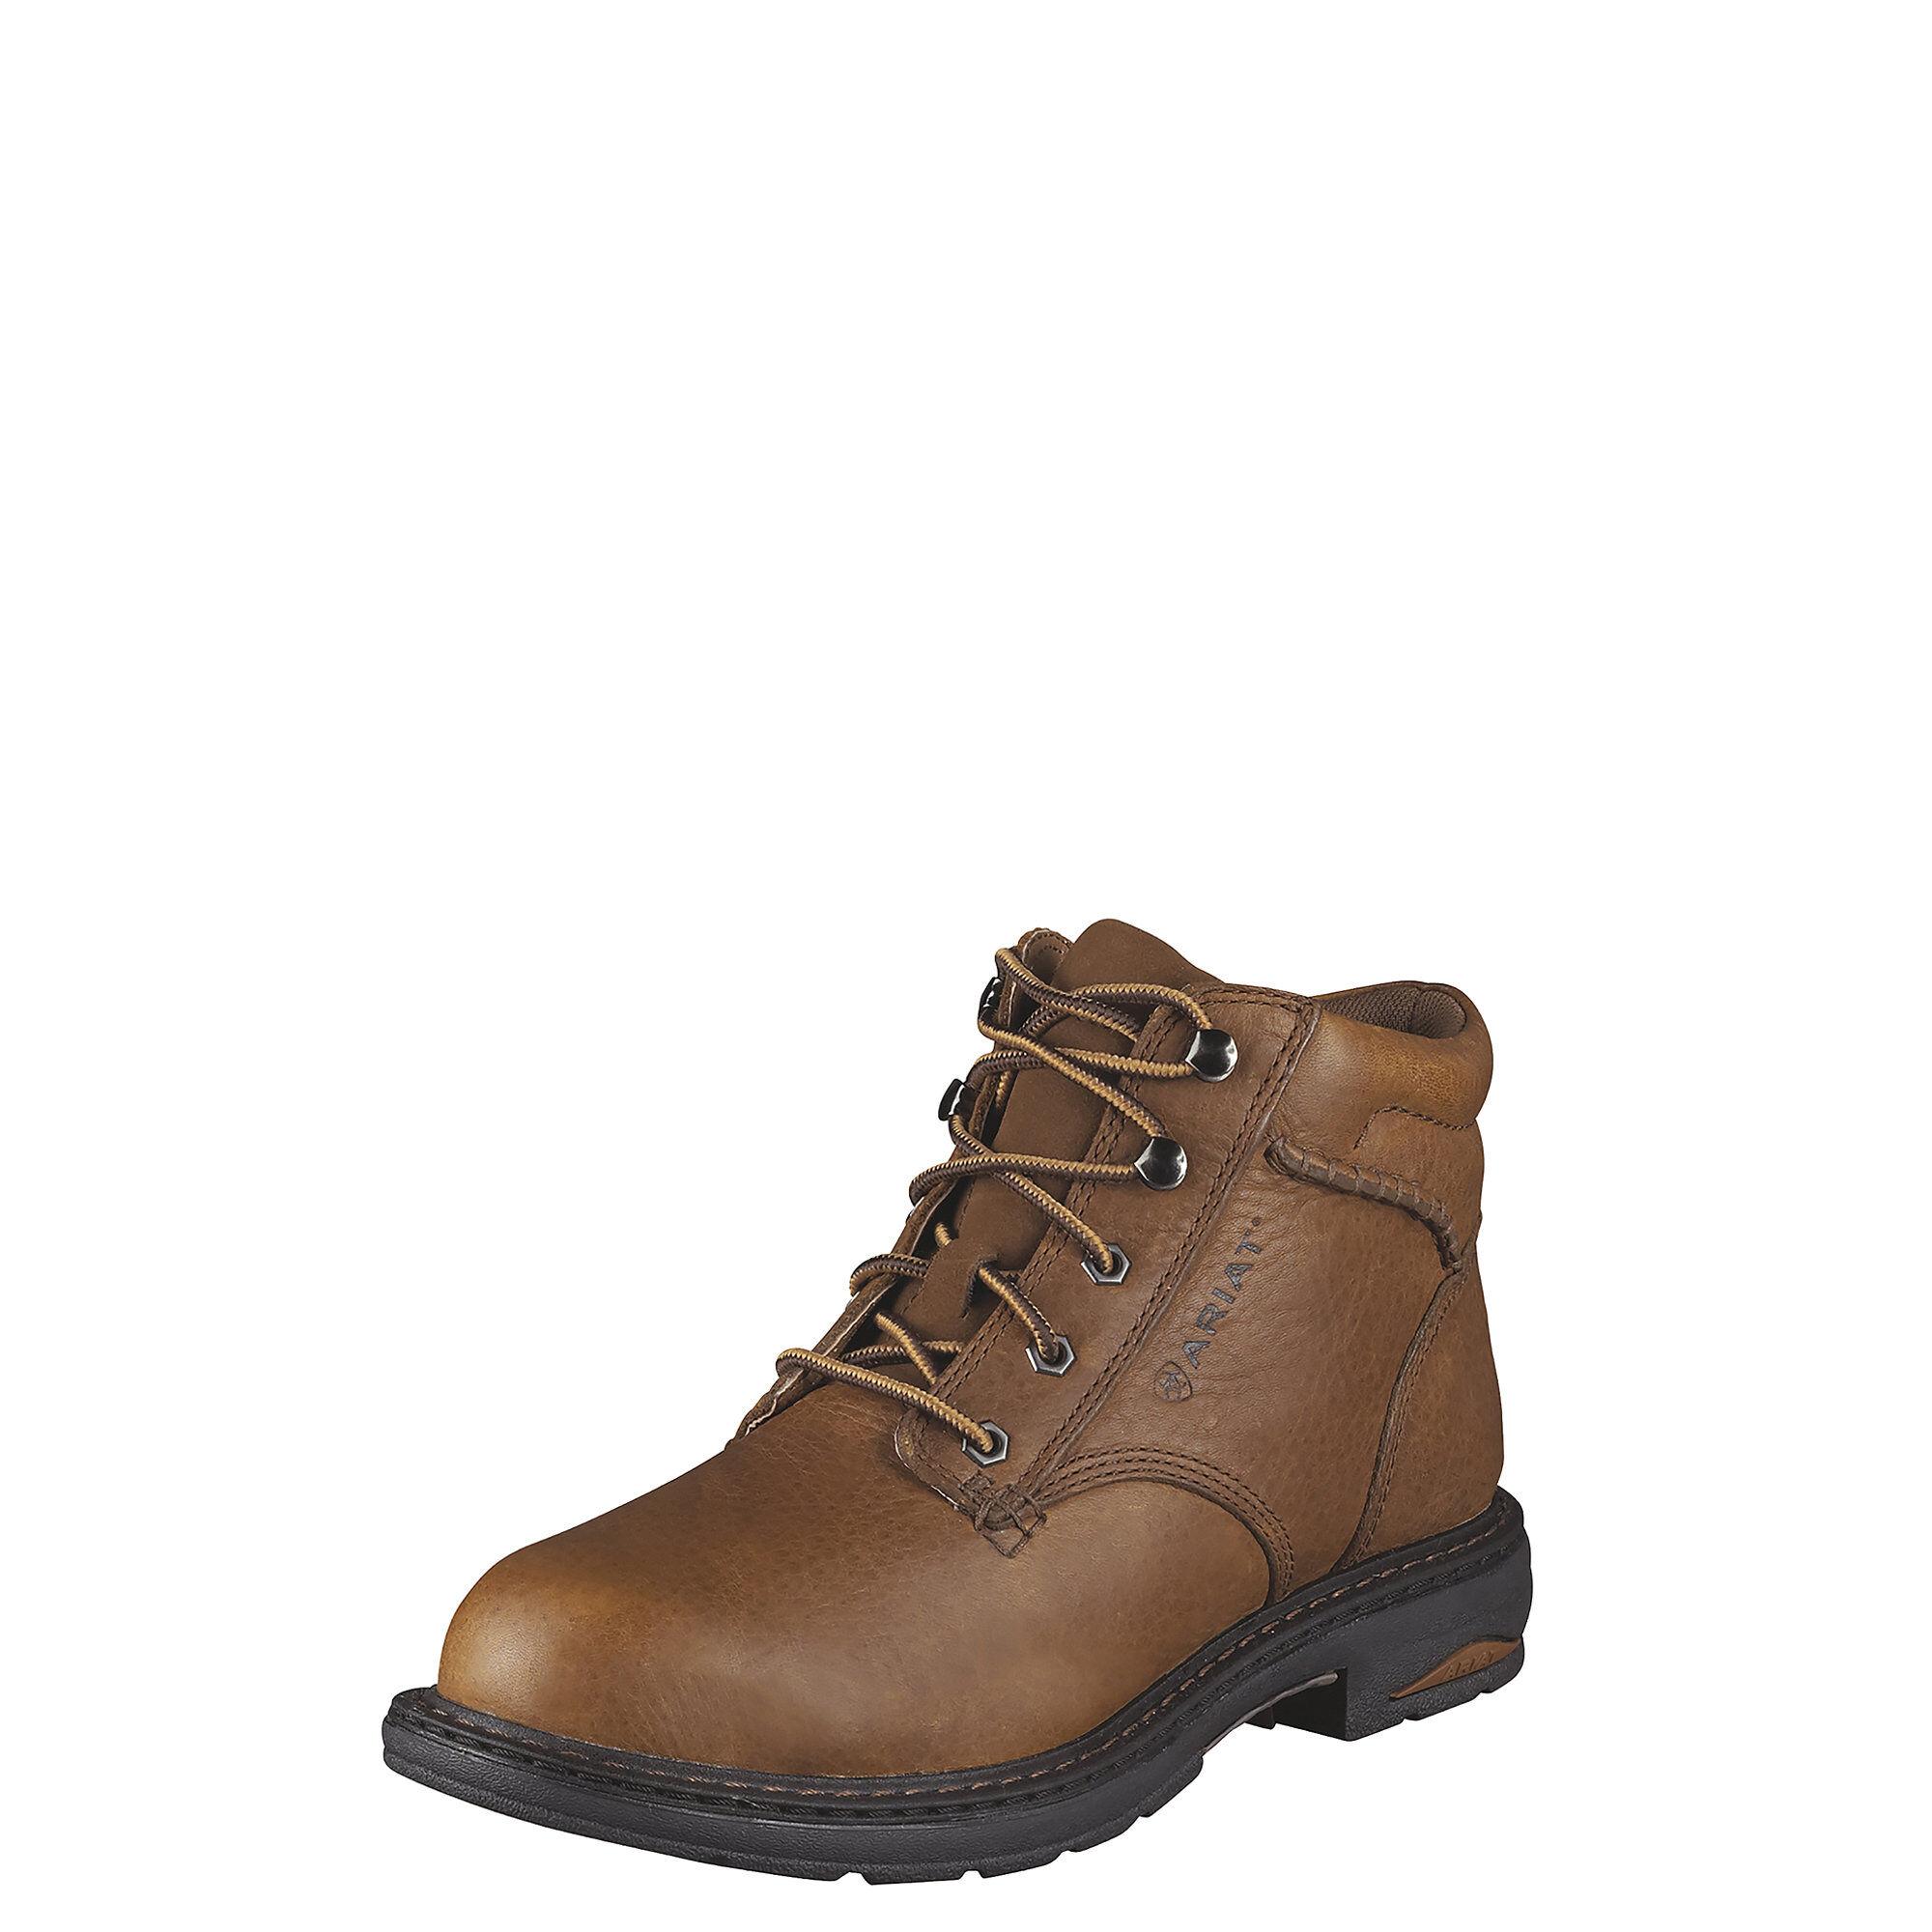 Women's Macey Work Boots in Dark Peanut by Ariat